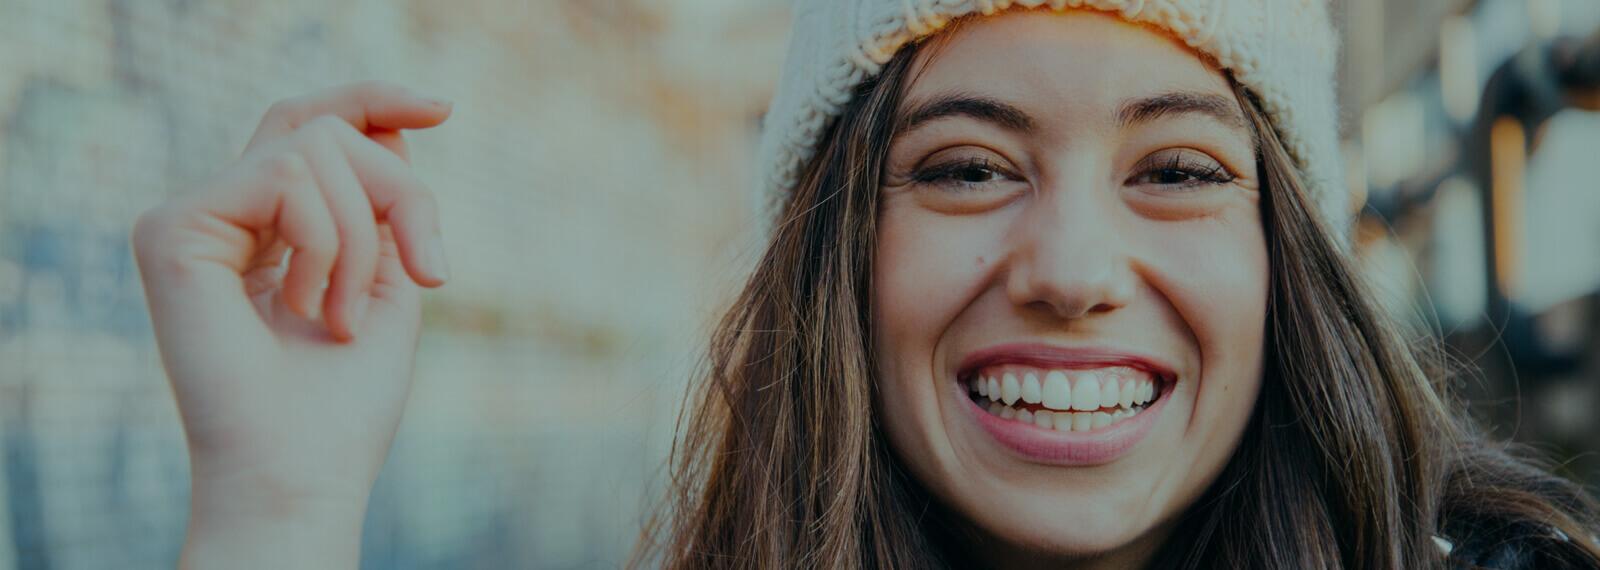 Orthodontics Melbourne